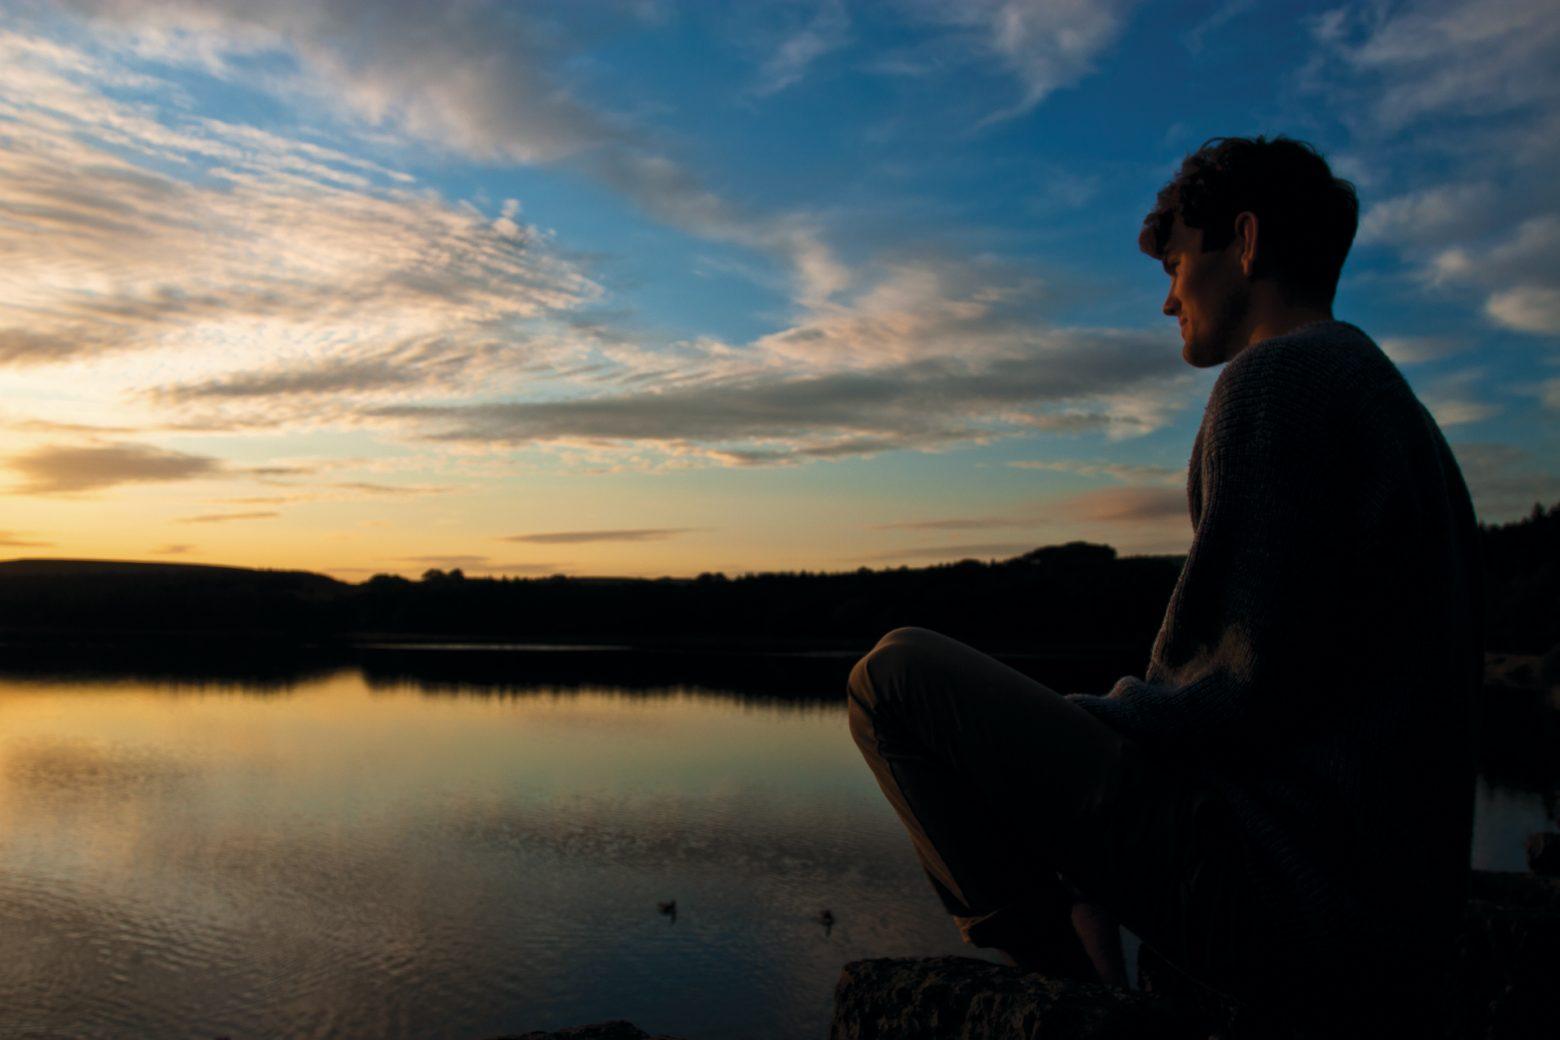 9 choses à arrêter de faire pour vivre une vie plus heureuse